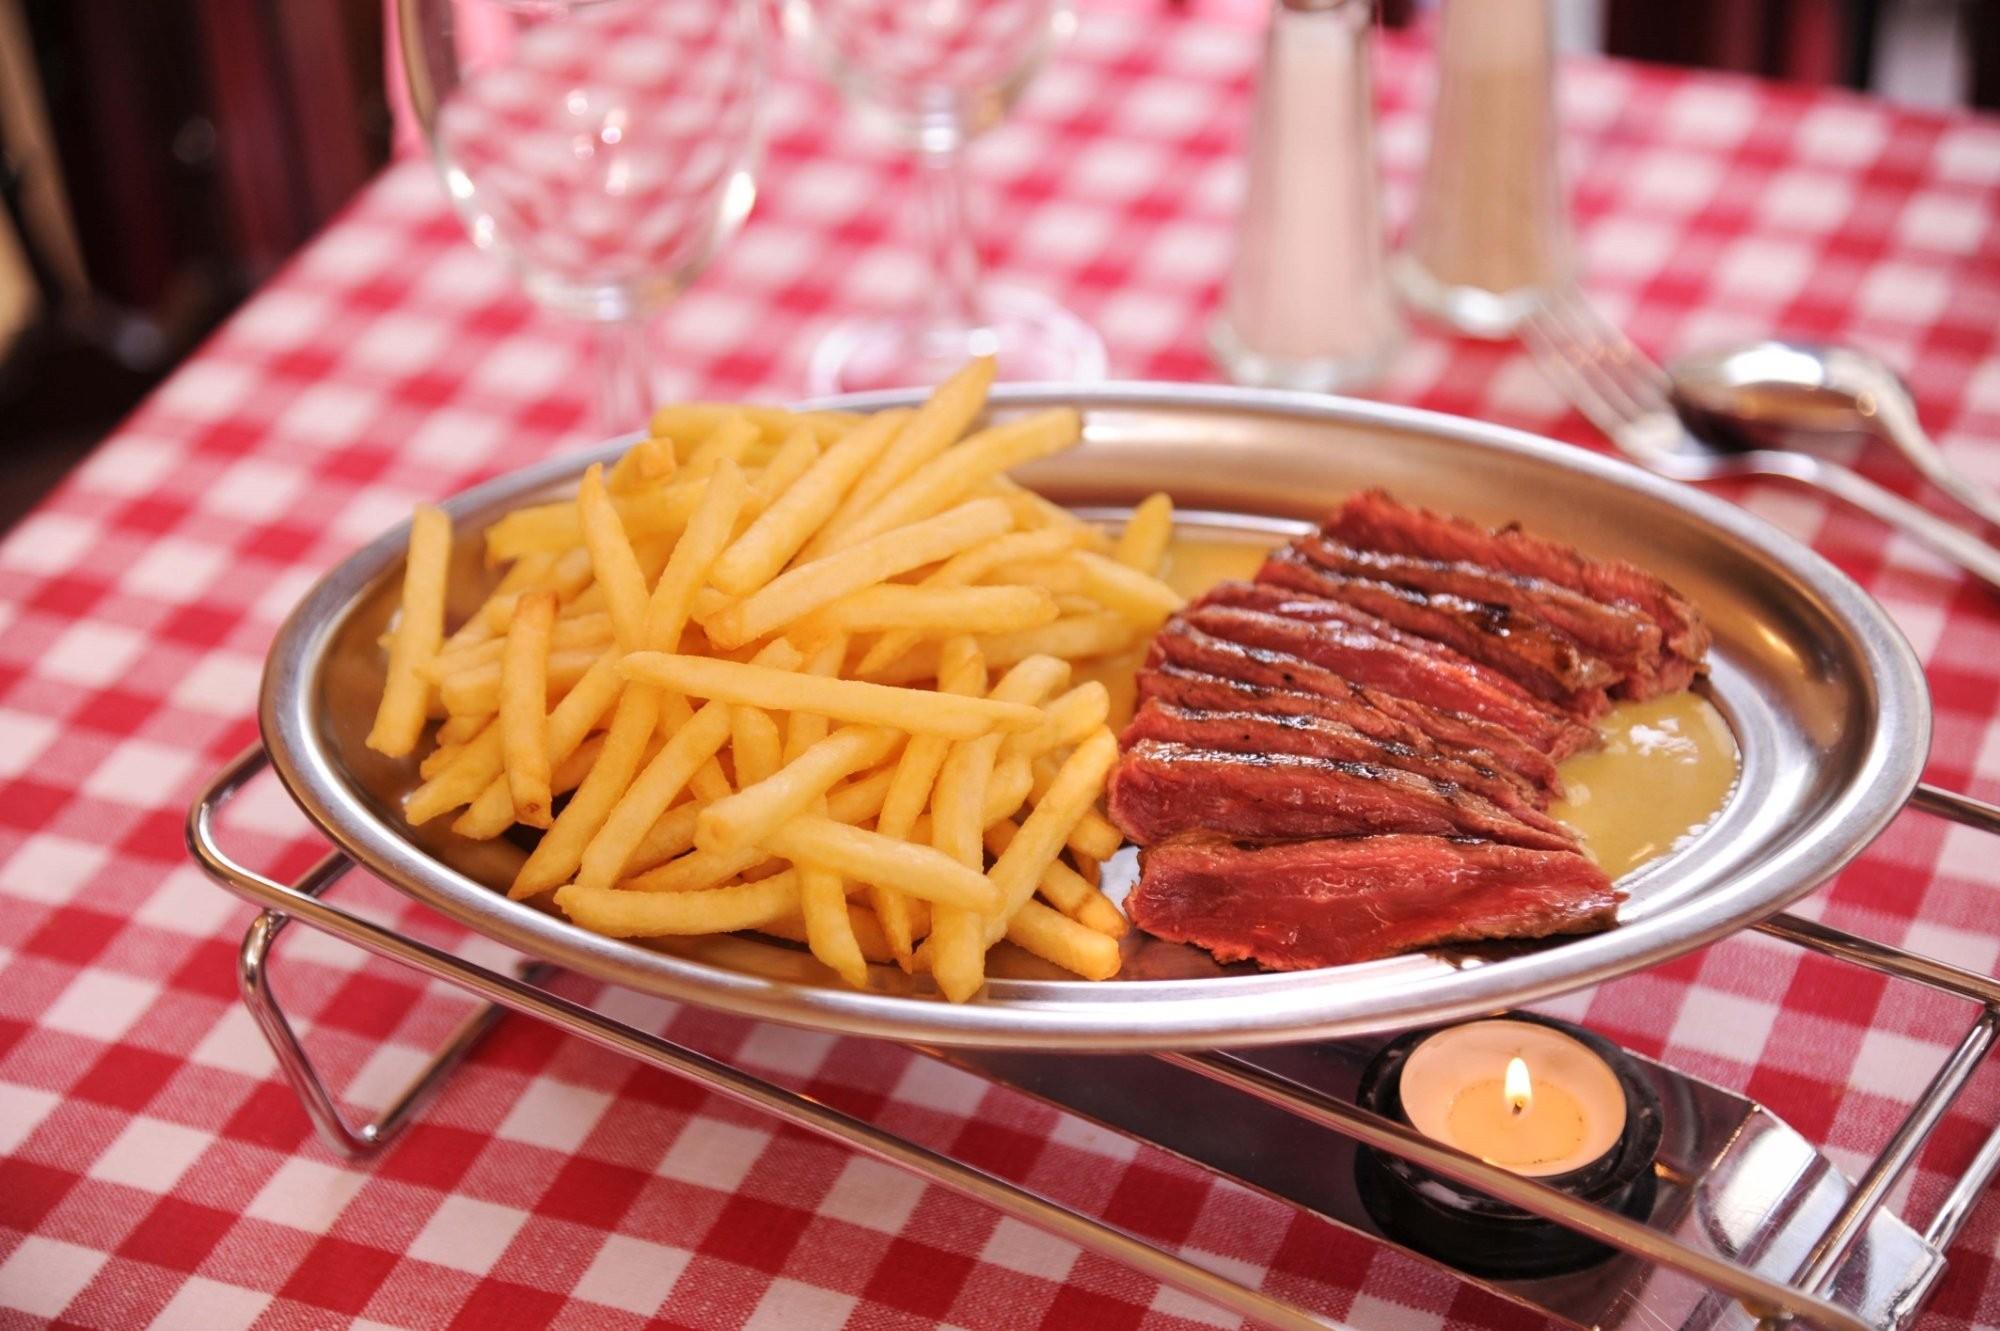 L'Entrecote de Paris Restaurant